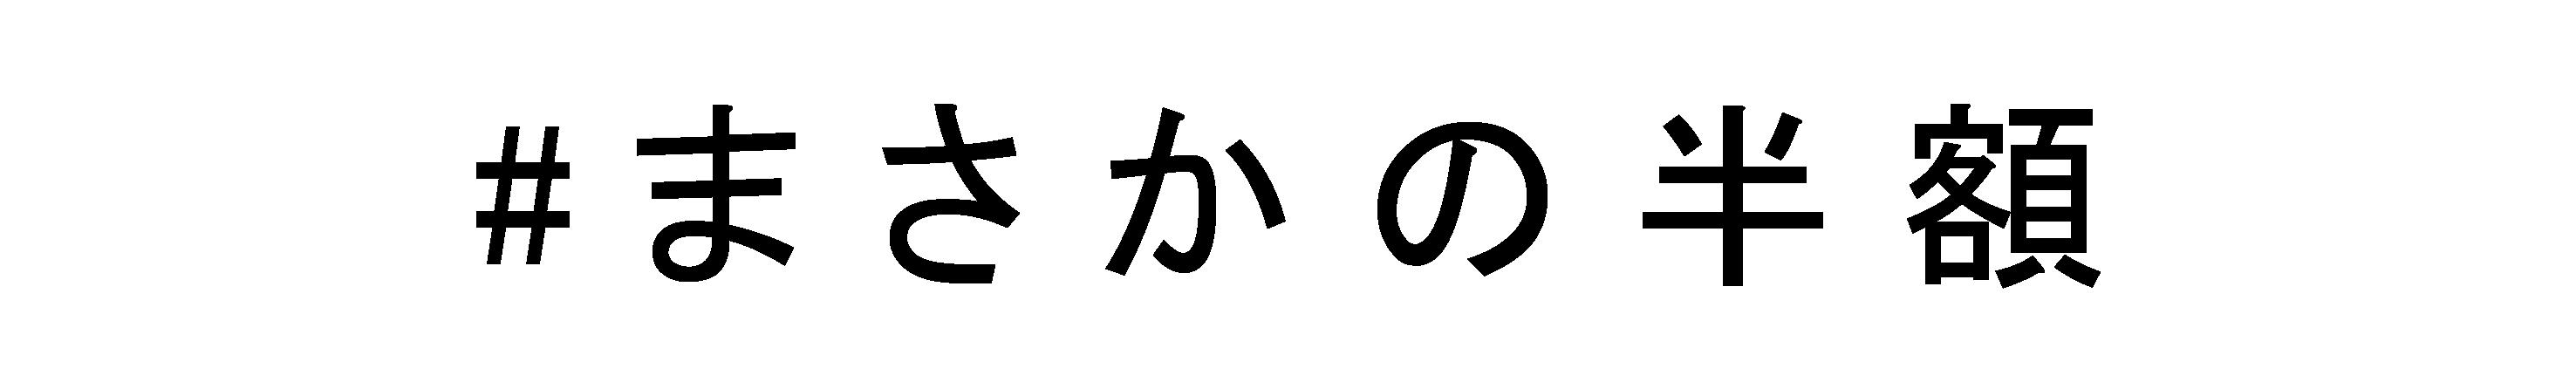 ハッシュタグ